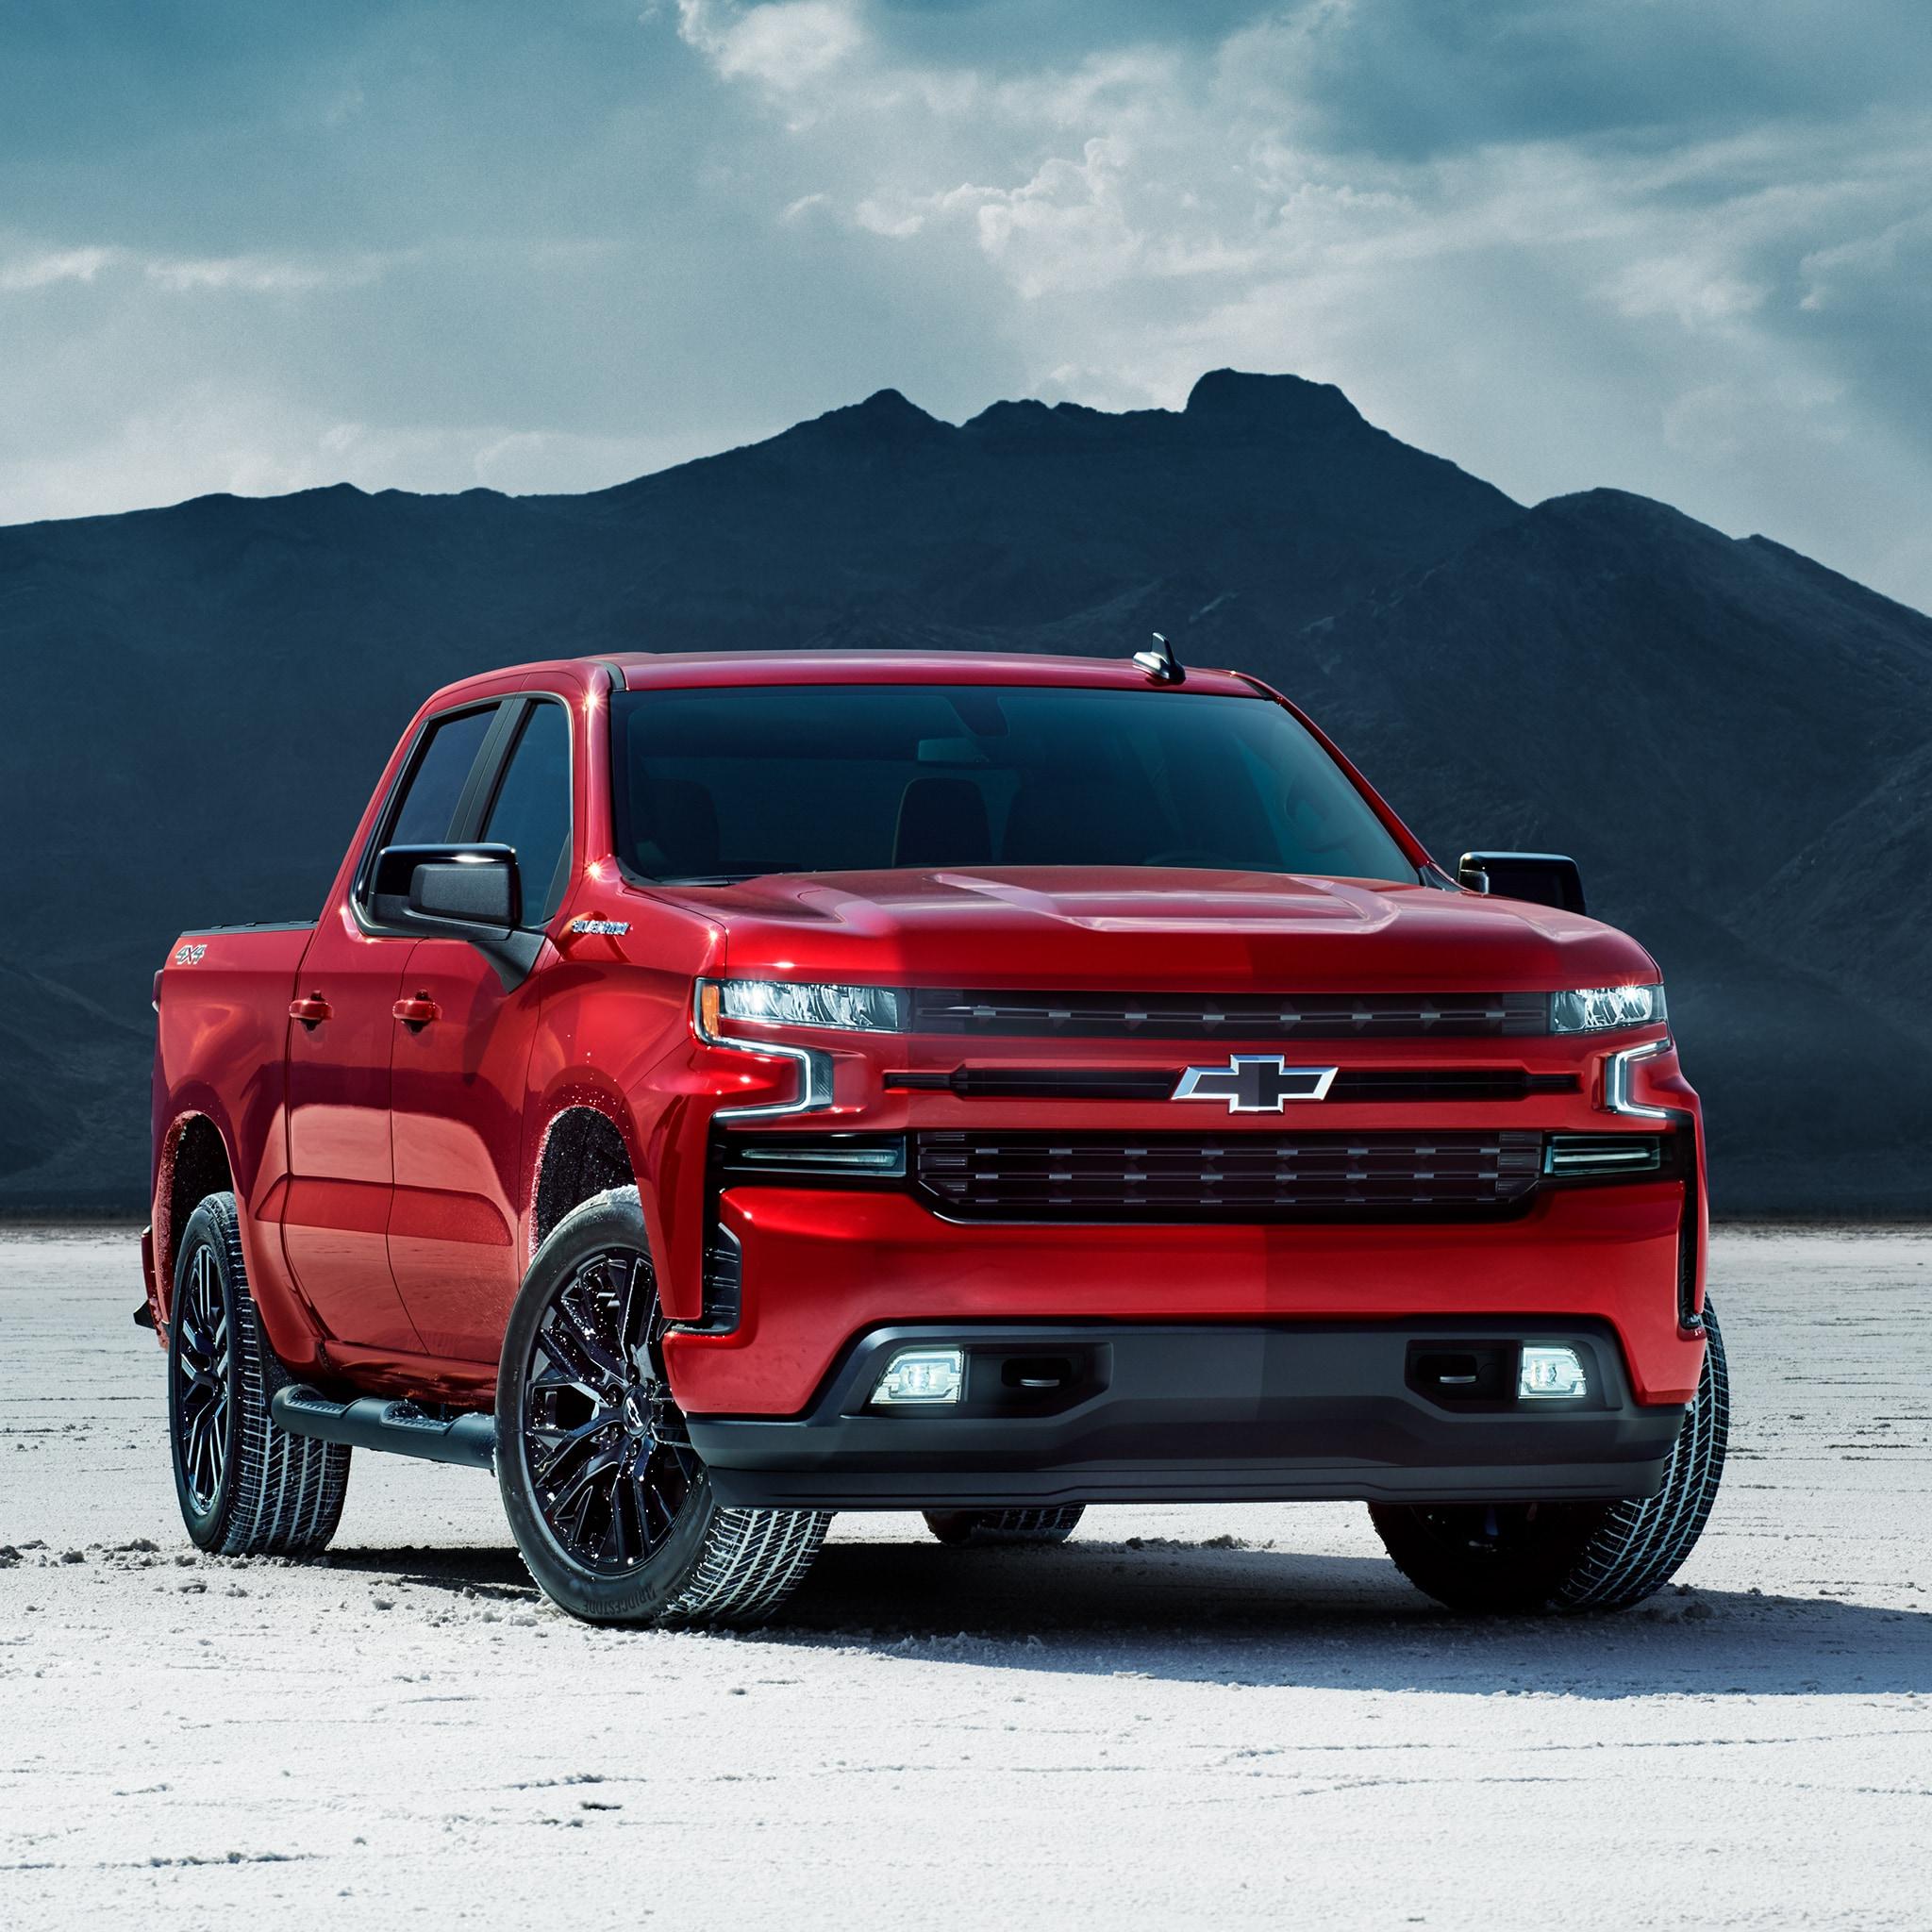 Chevy Trucks Com >> New Chevy Silverado 1500 Trucks For Sale Alexander